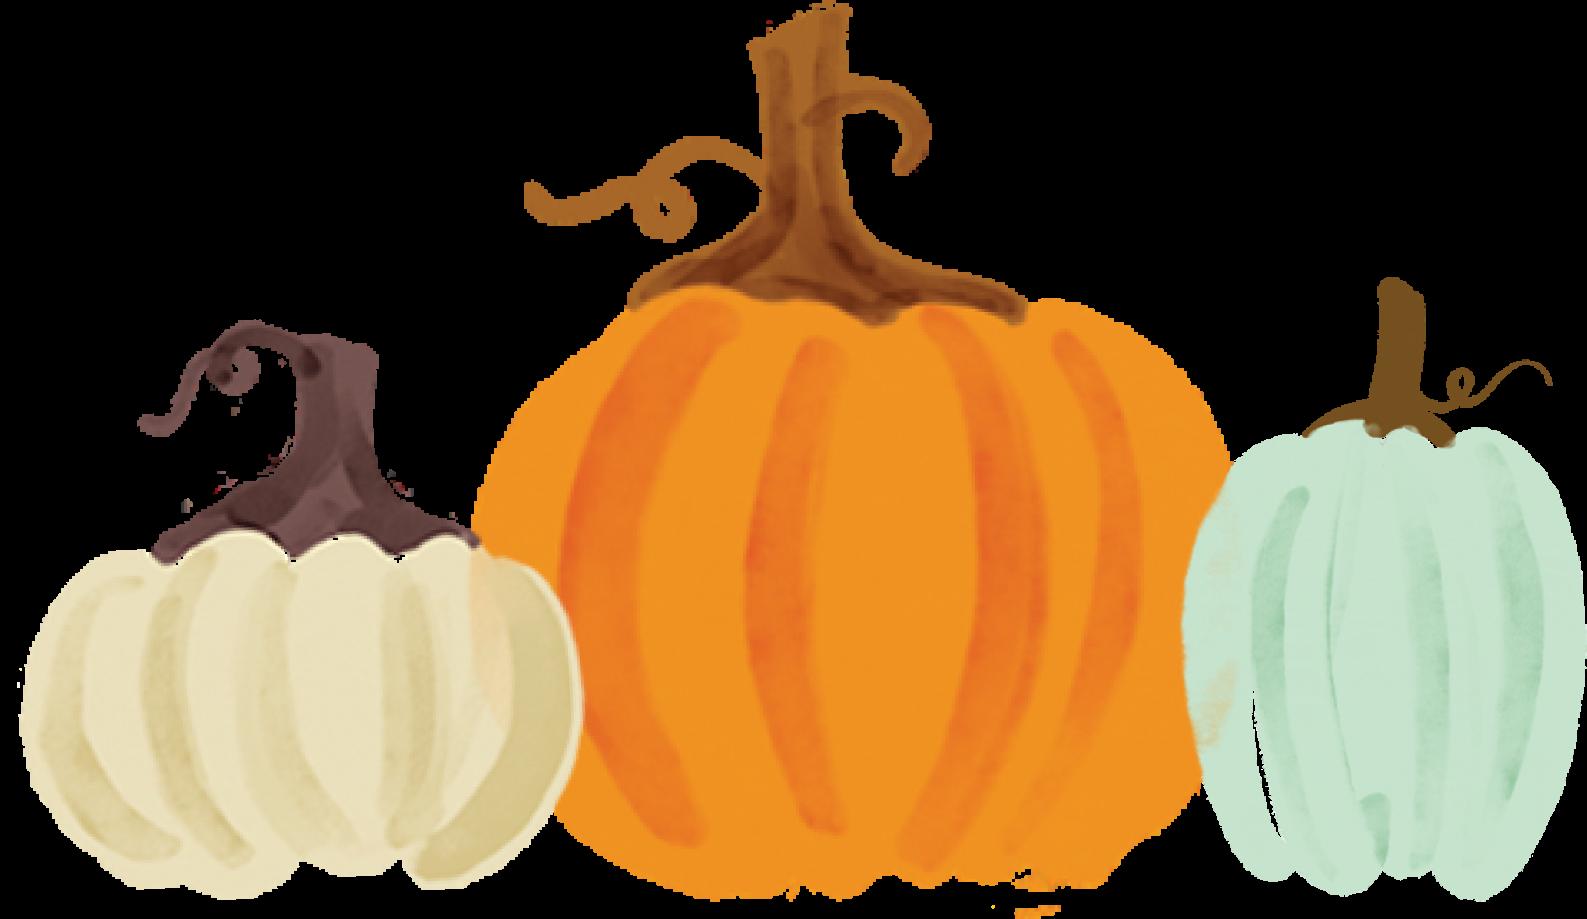 Three Pumpkins Print & Cut File